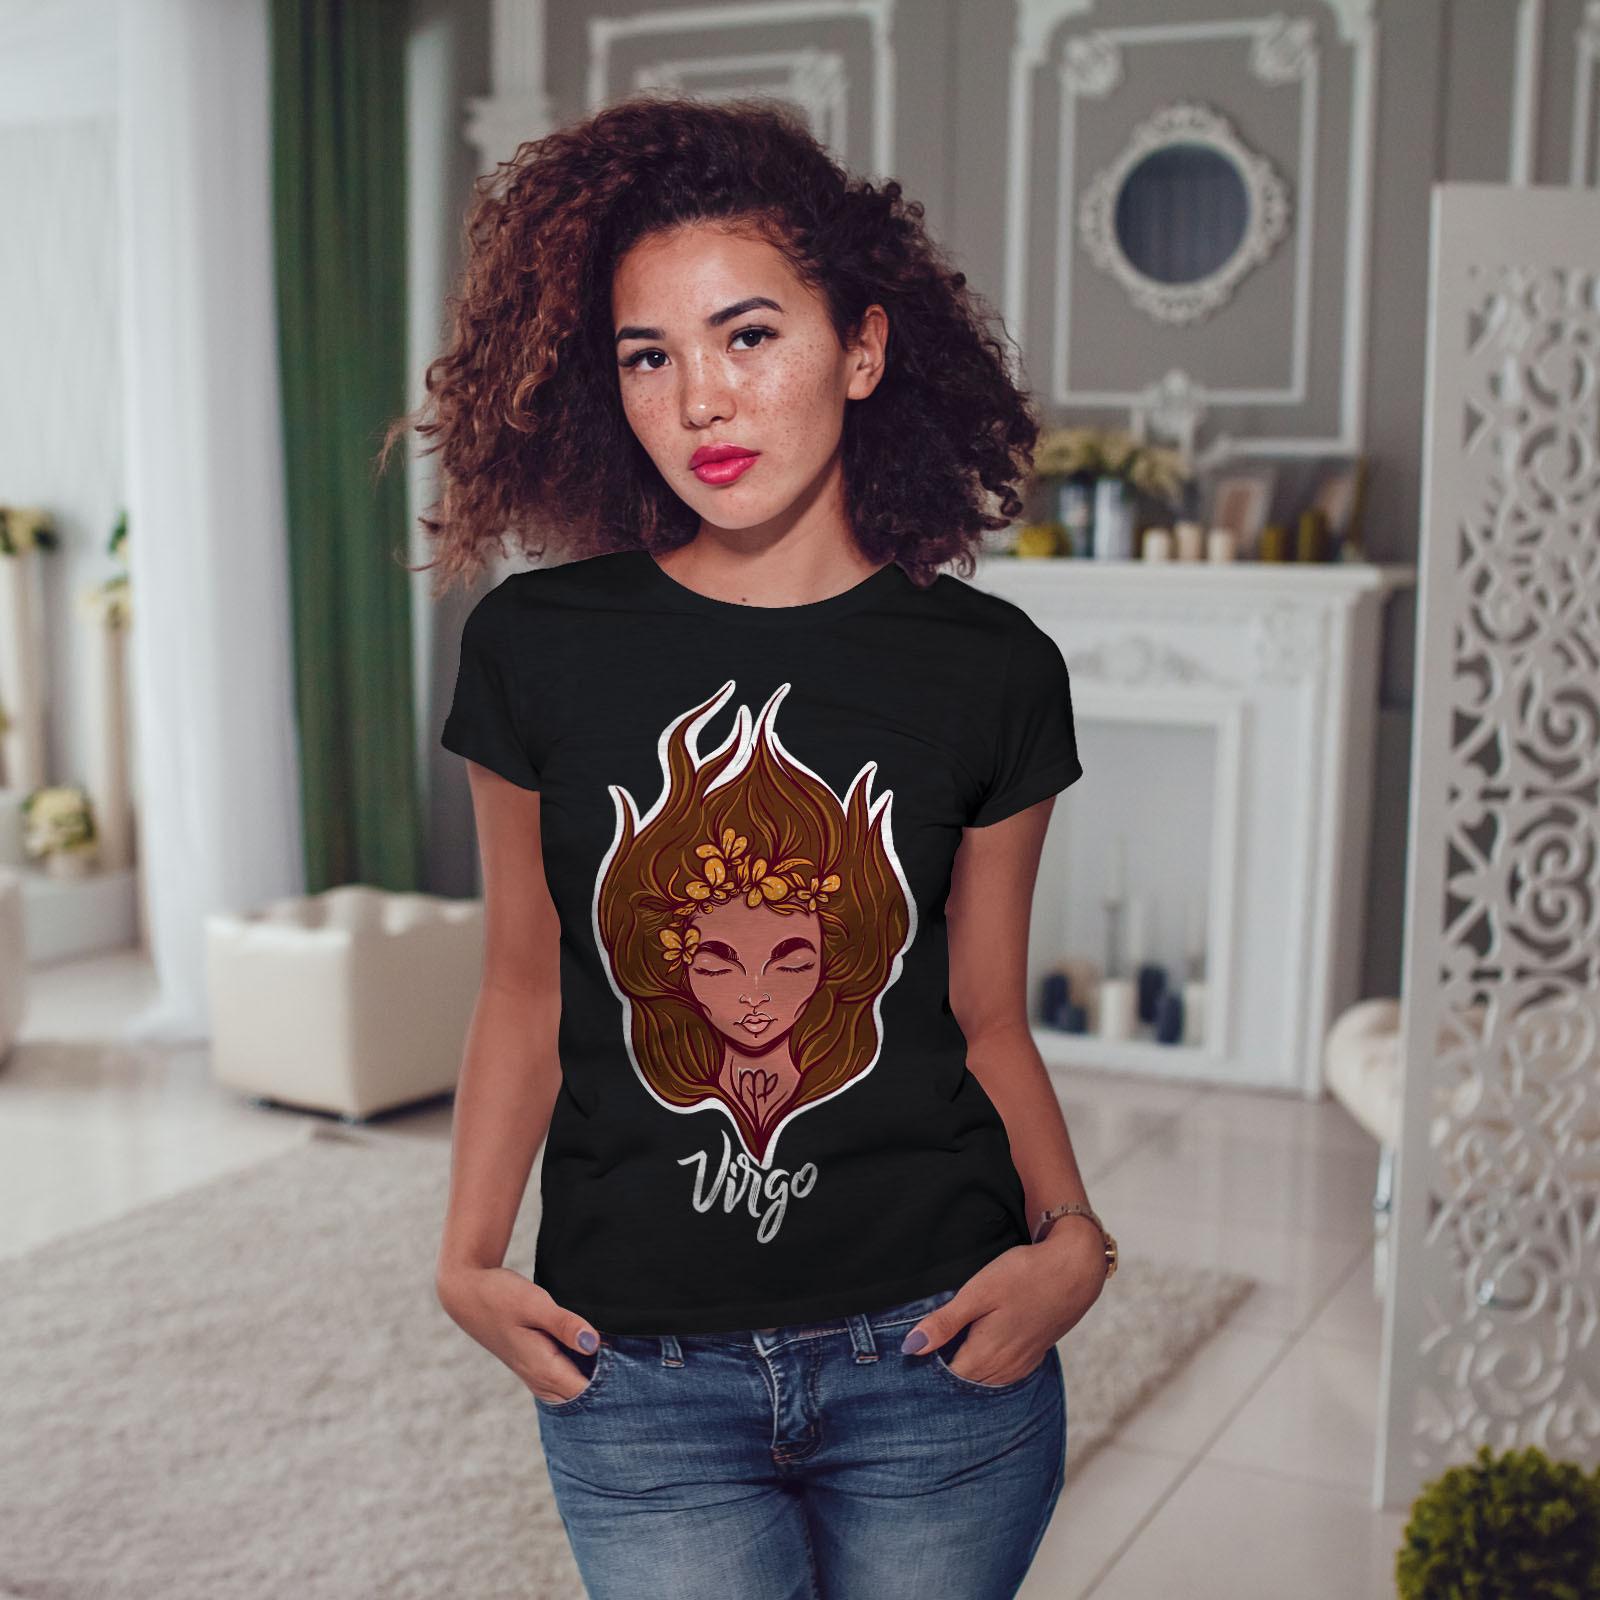 Virgo Shirt Zodiac Sign Women T-shirt image 3